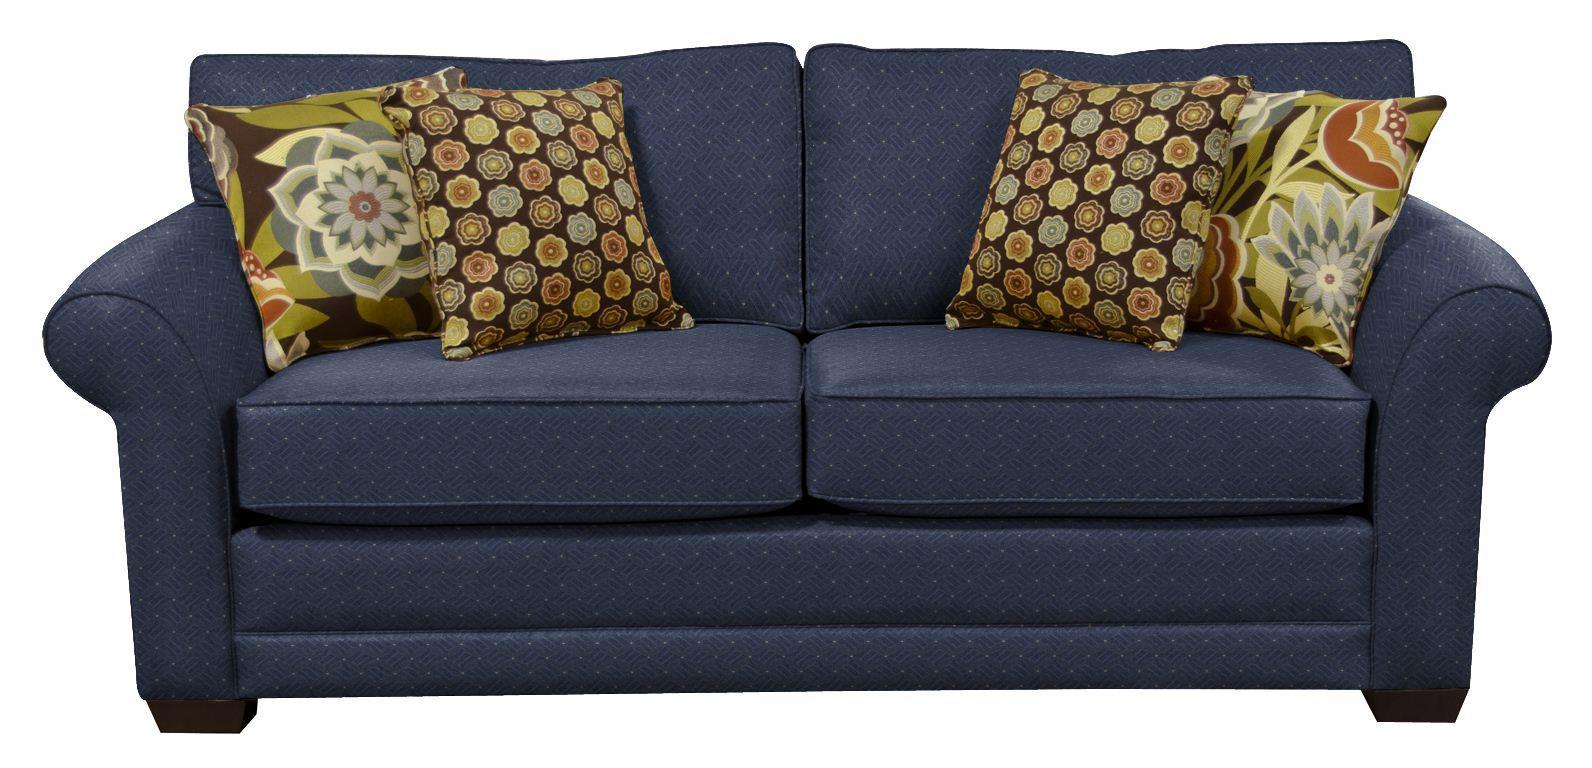 England Brantley Upholstered Sofa - Item Number: 5635-4900